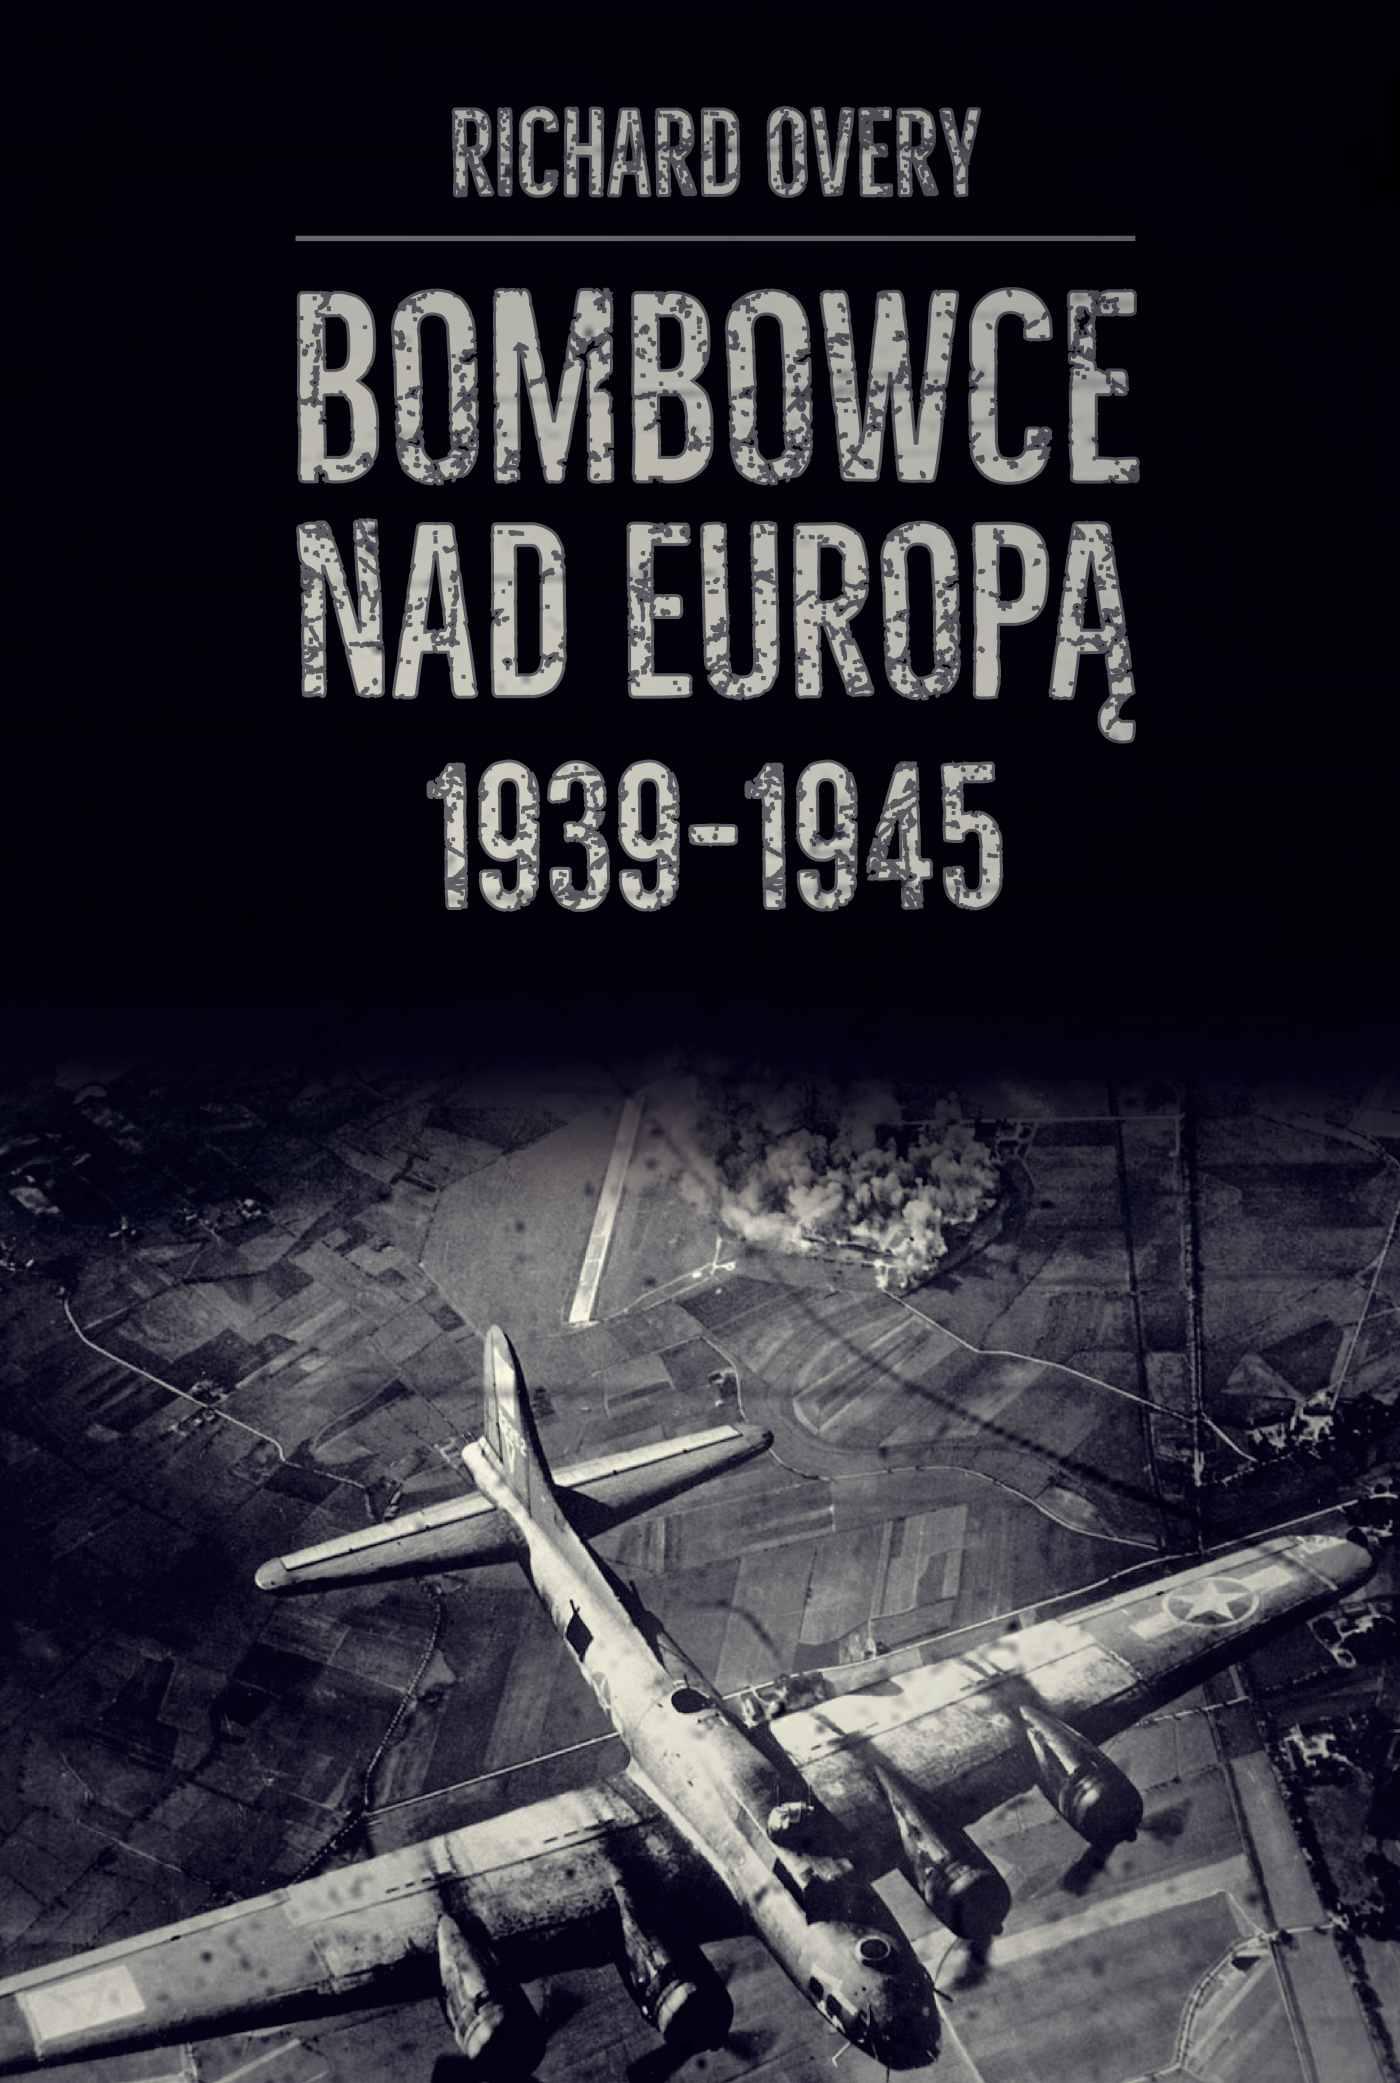 Bombowce nad Europą 1939-1945 - Ebook (Książka EPUB) do pobrania w formacie EPUB